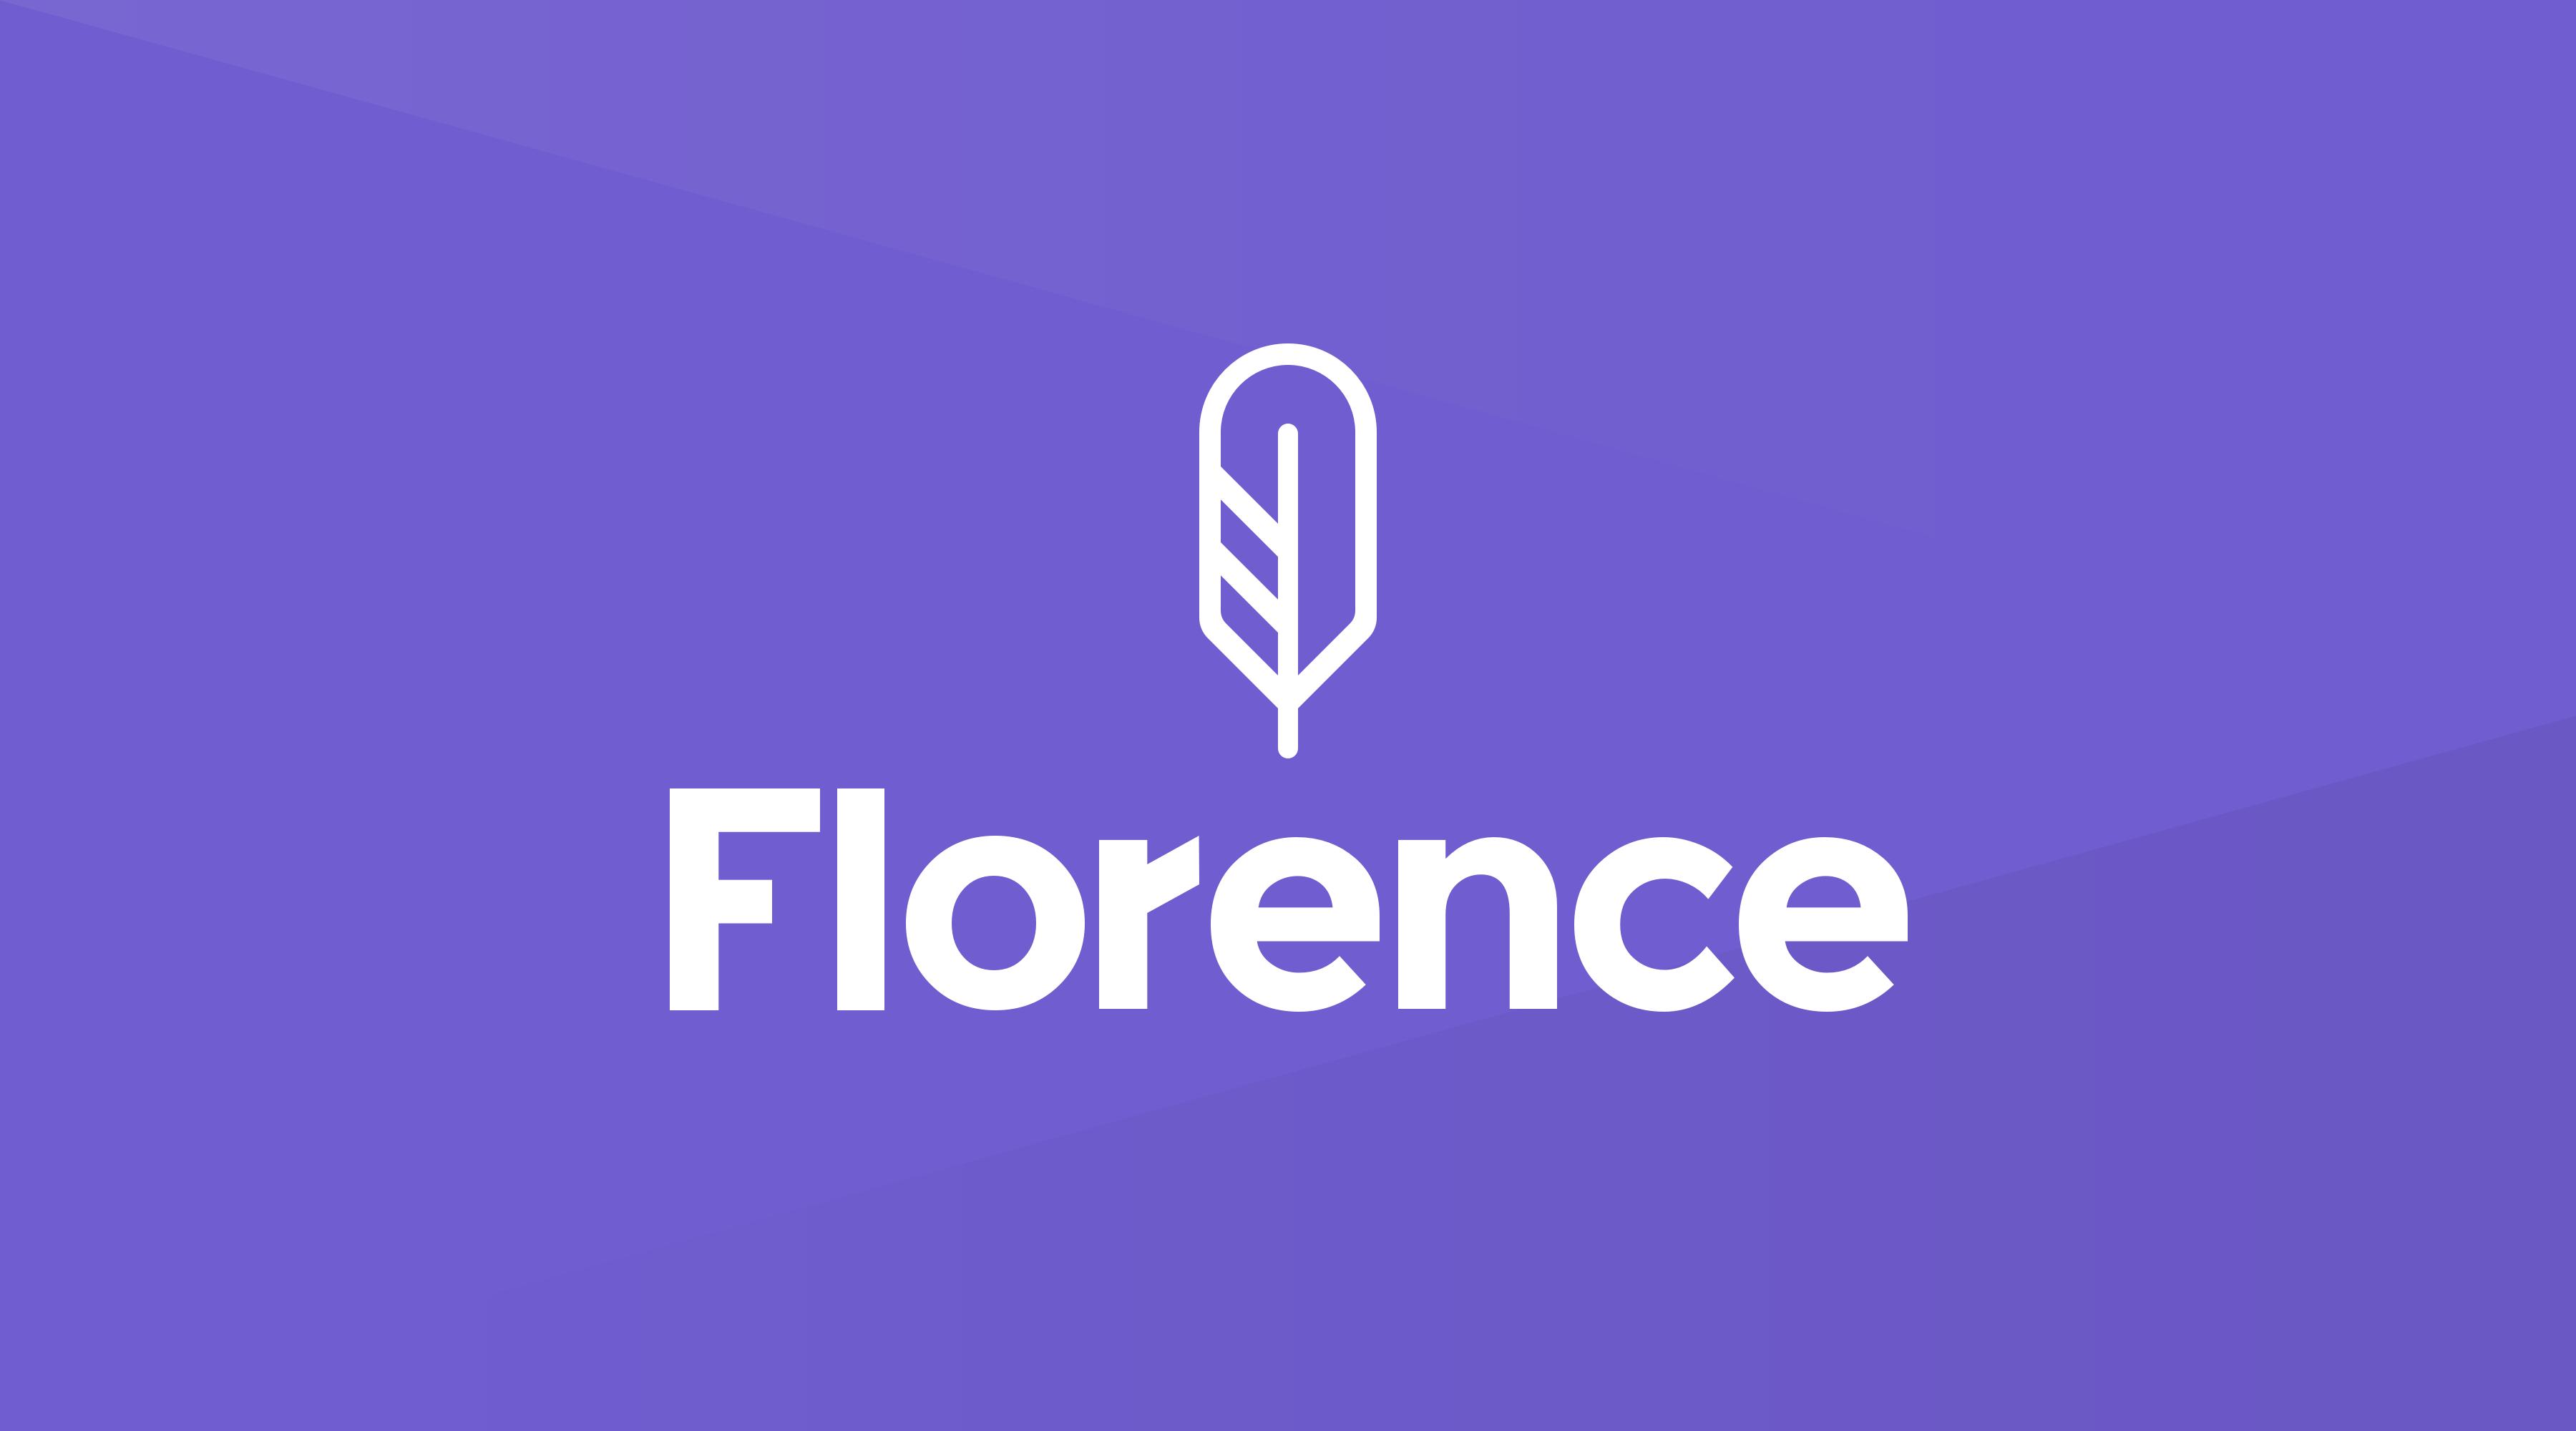 Florence-logo